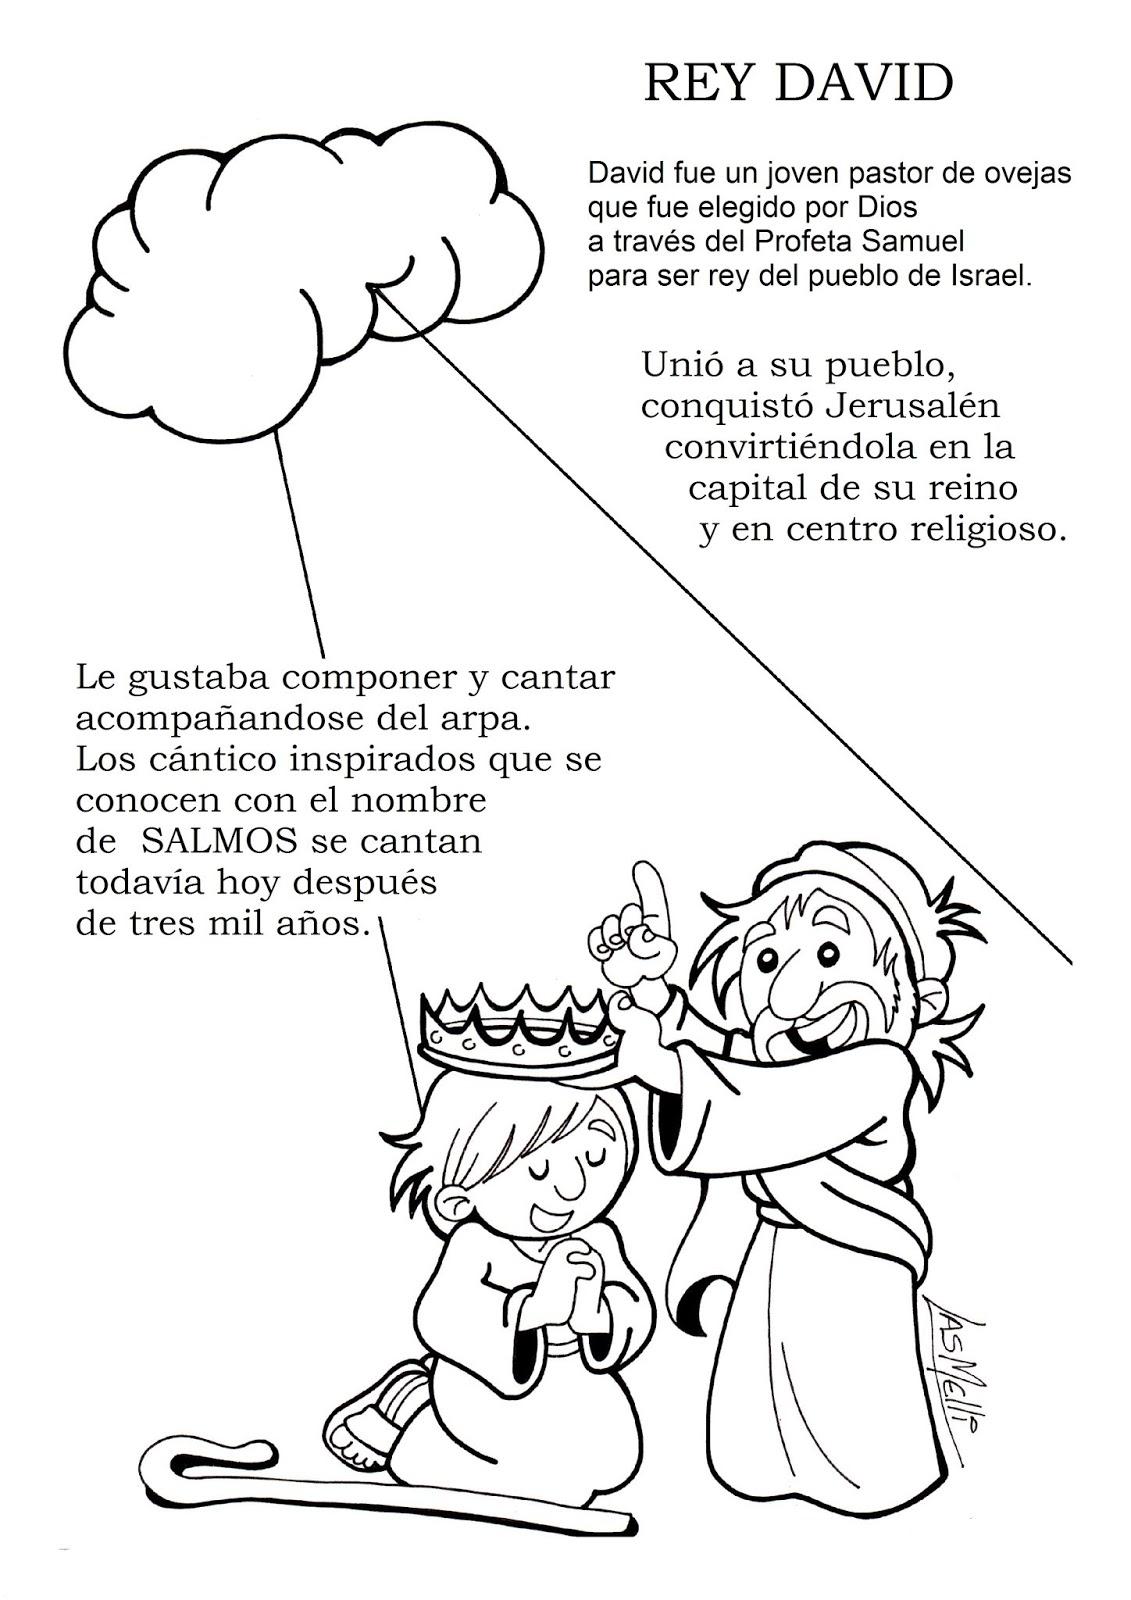 El Rincon De Las Melli Diccionario Ilustrado Rey David